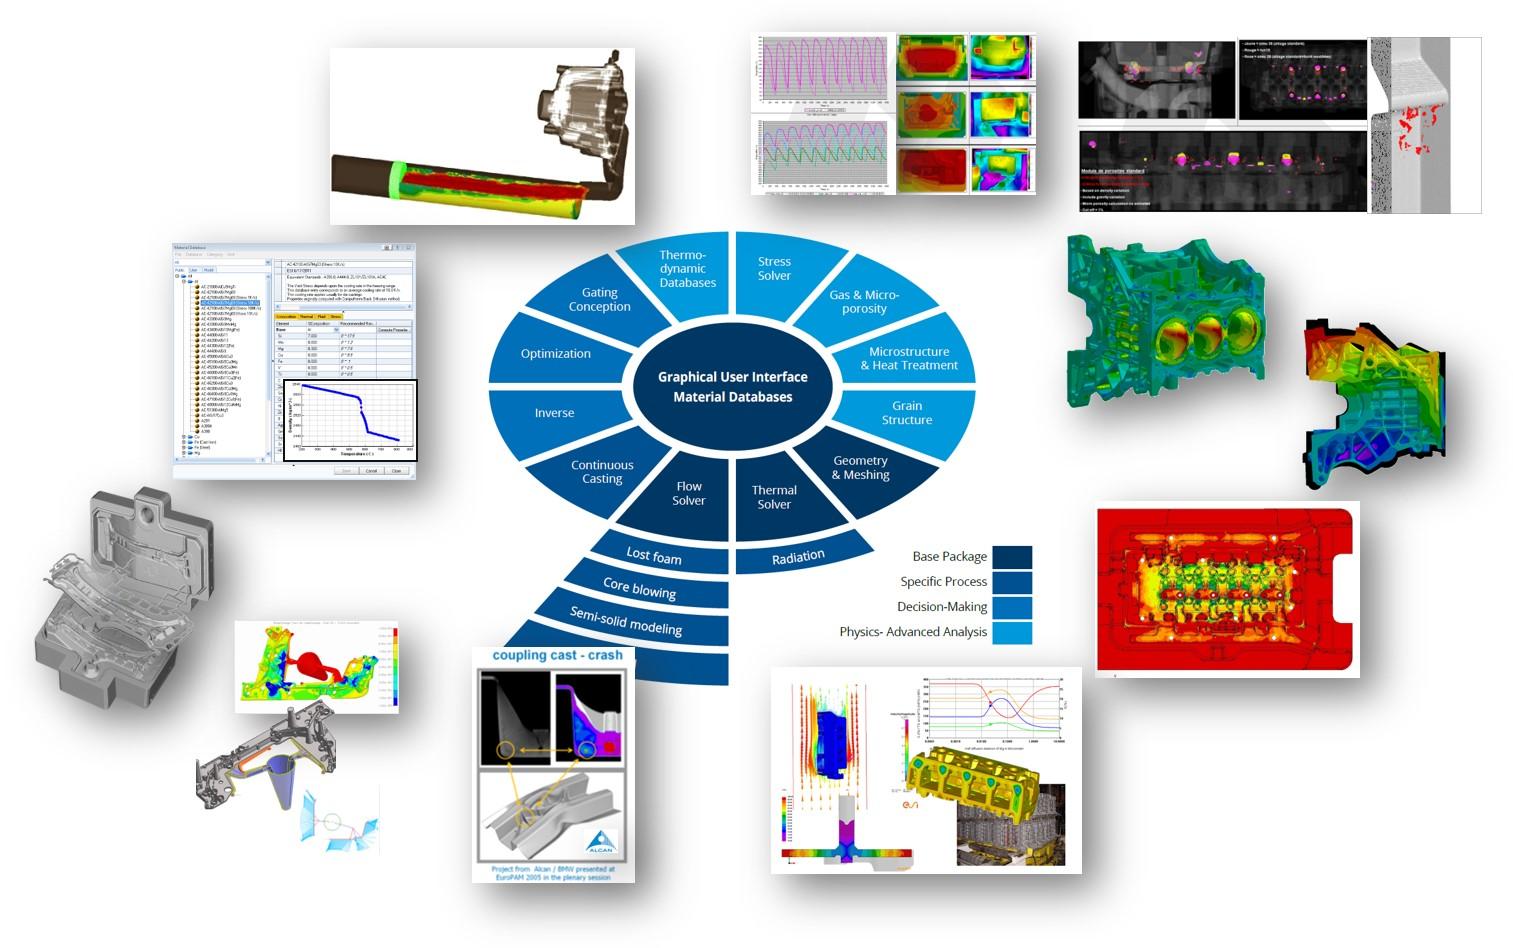 オンラインセミナー : ダイカスト・重力鋳造編 - 予測精度にこだわる!鋳造解析オンラインセミナー製品品質向上・コスト削減・試作レスを実現